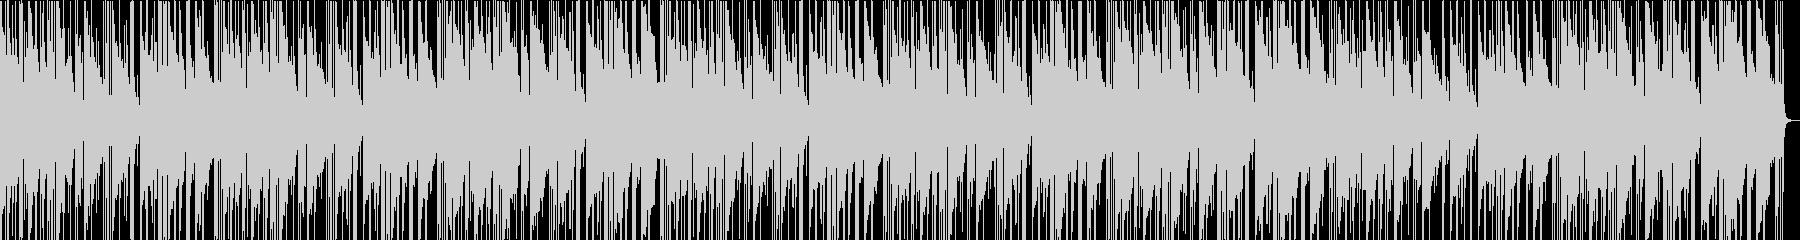 ゆったり癒されるローファイJazzの未再生の波形